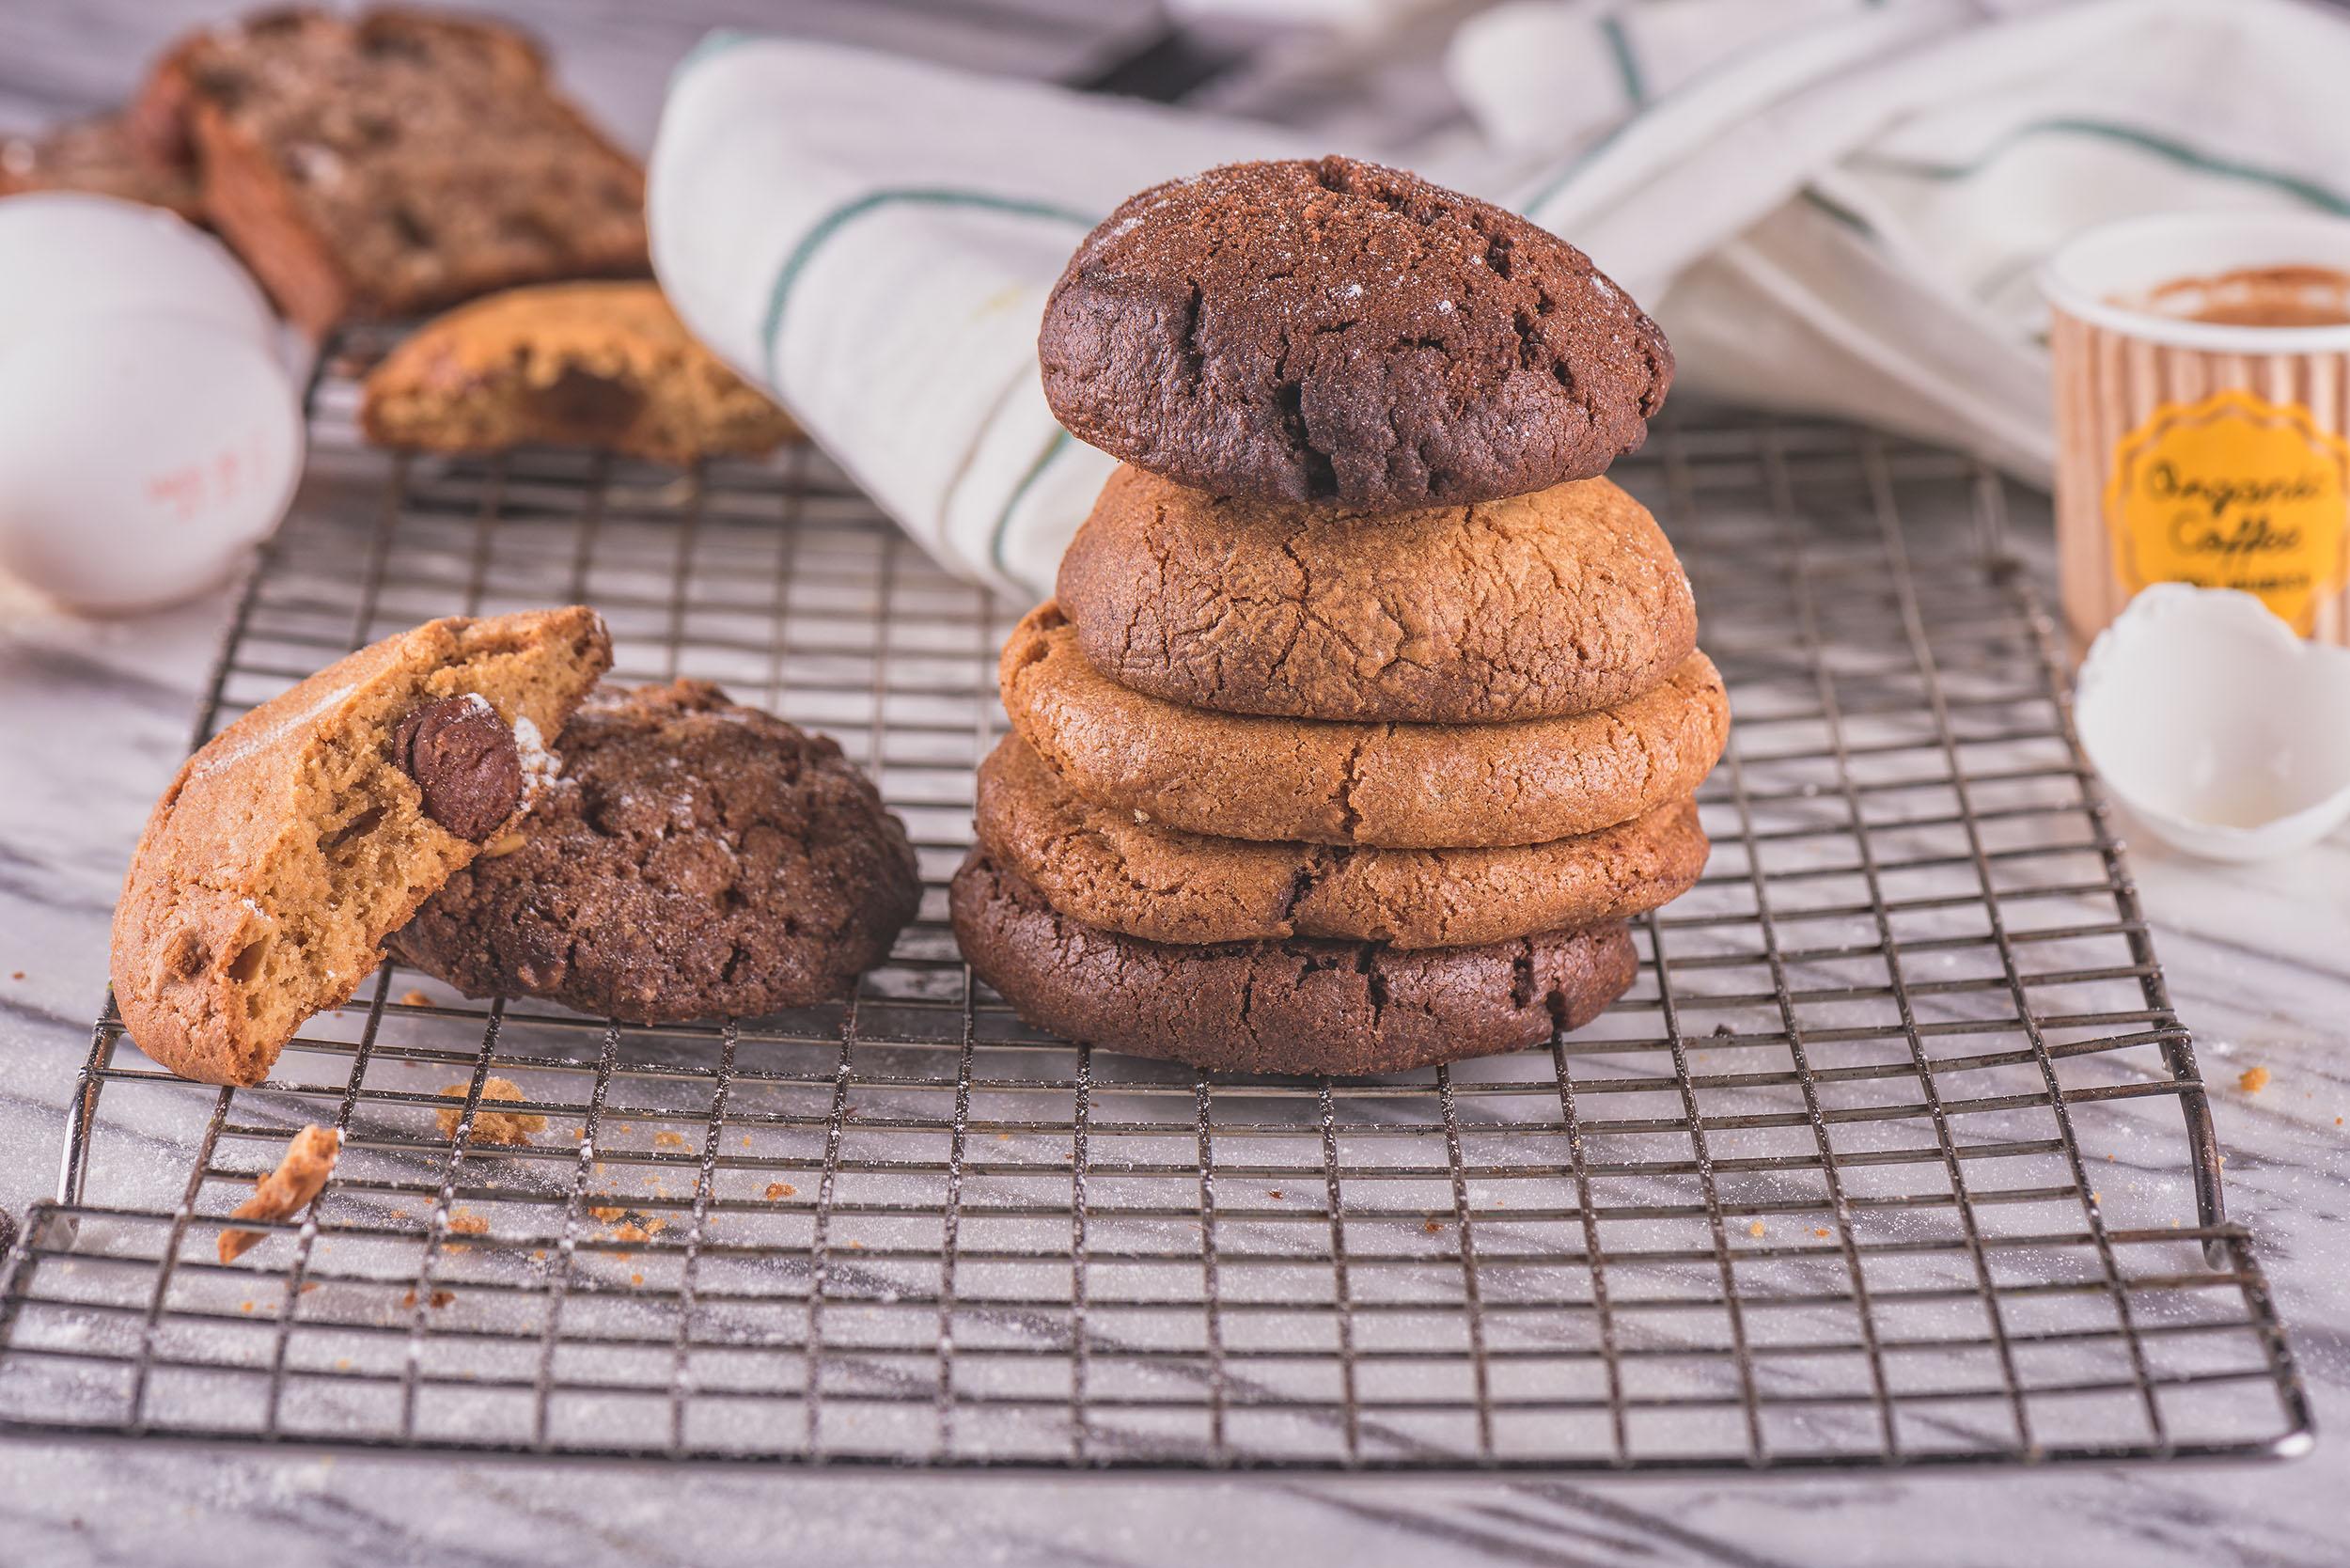 Bazaarcookies-10860-8-Edit.jpg